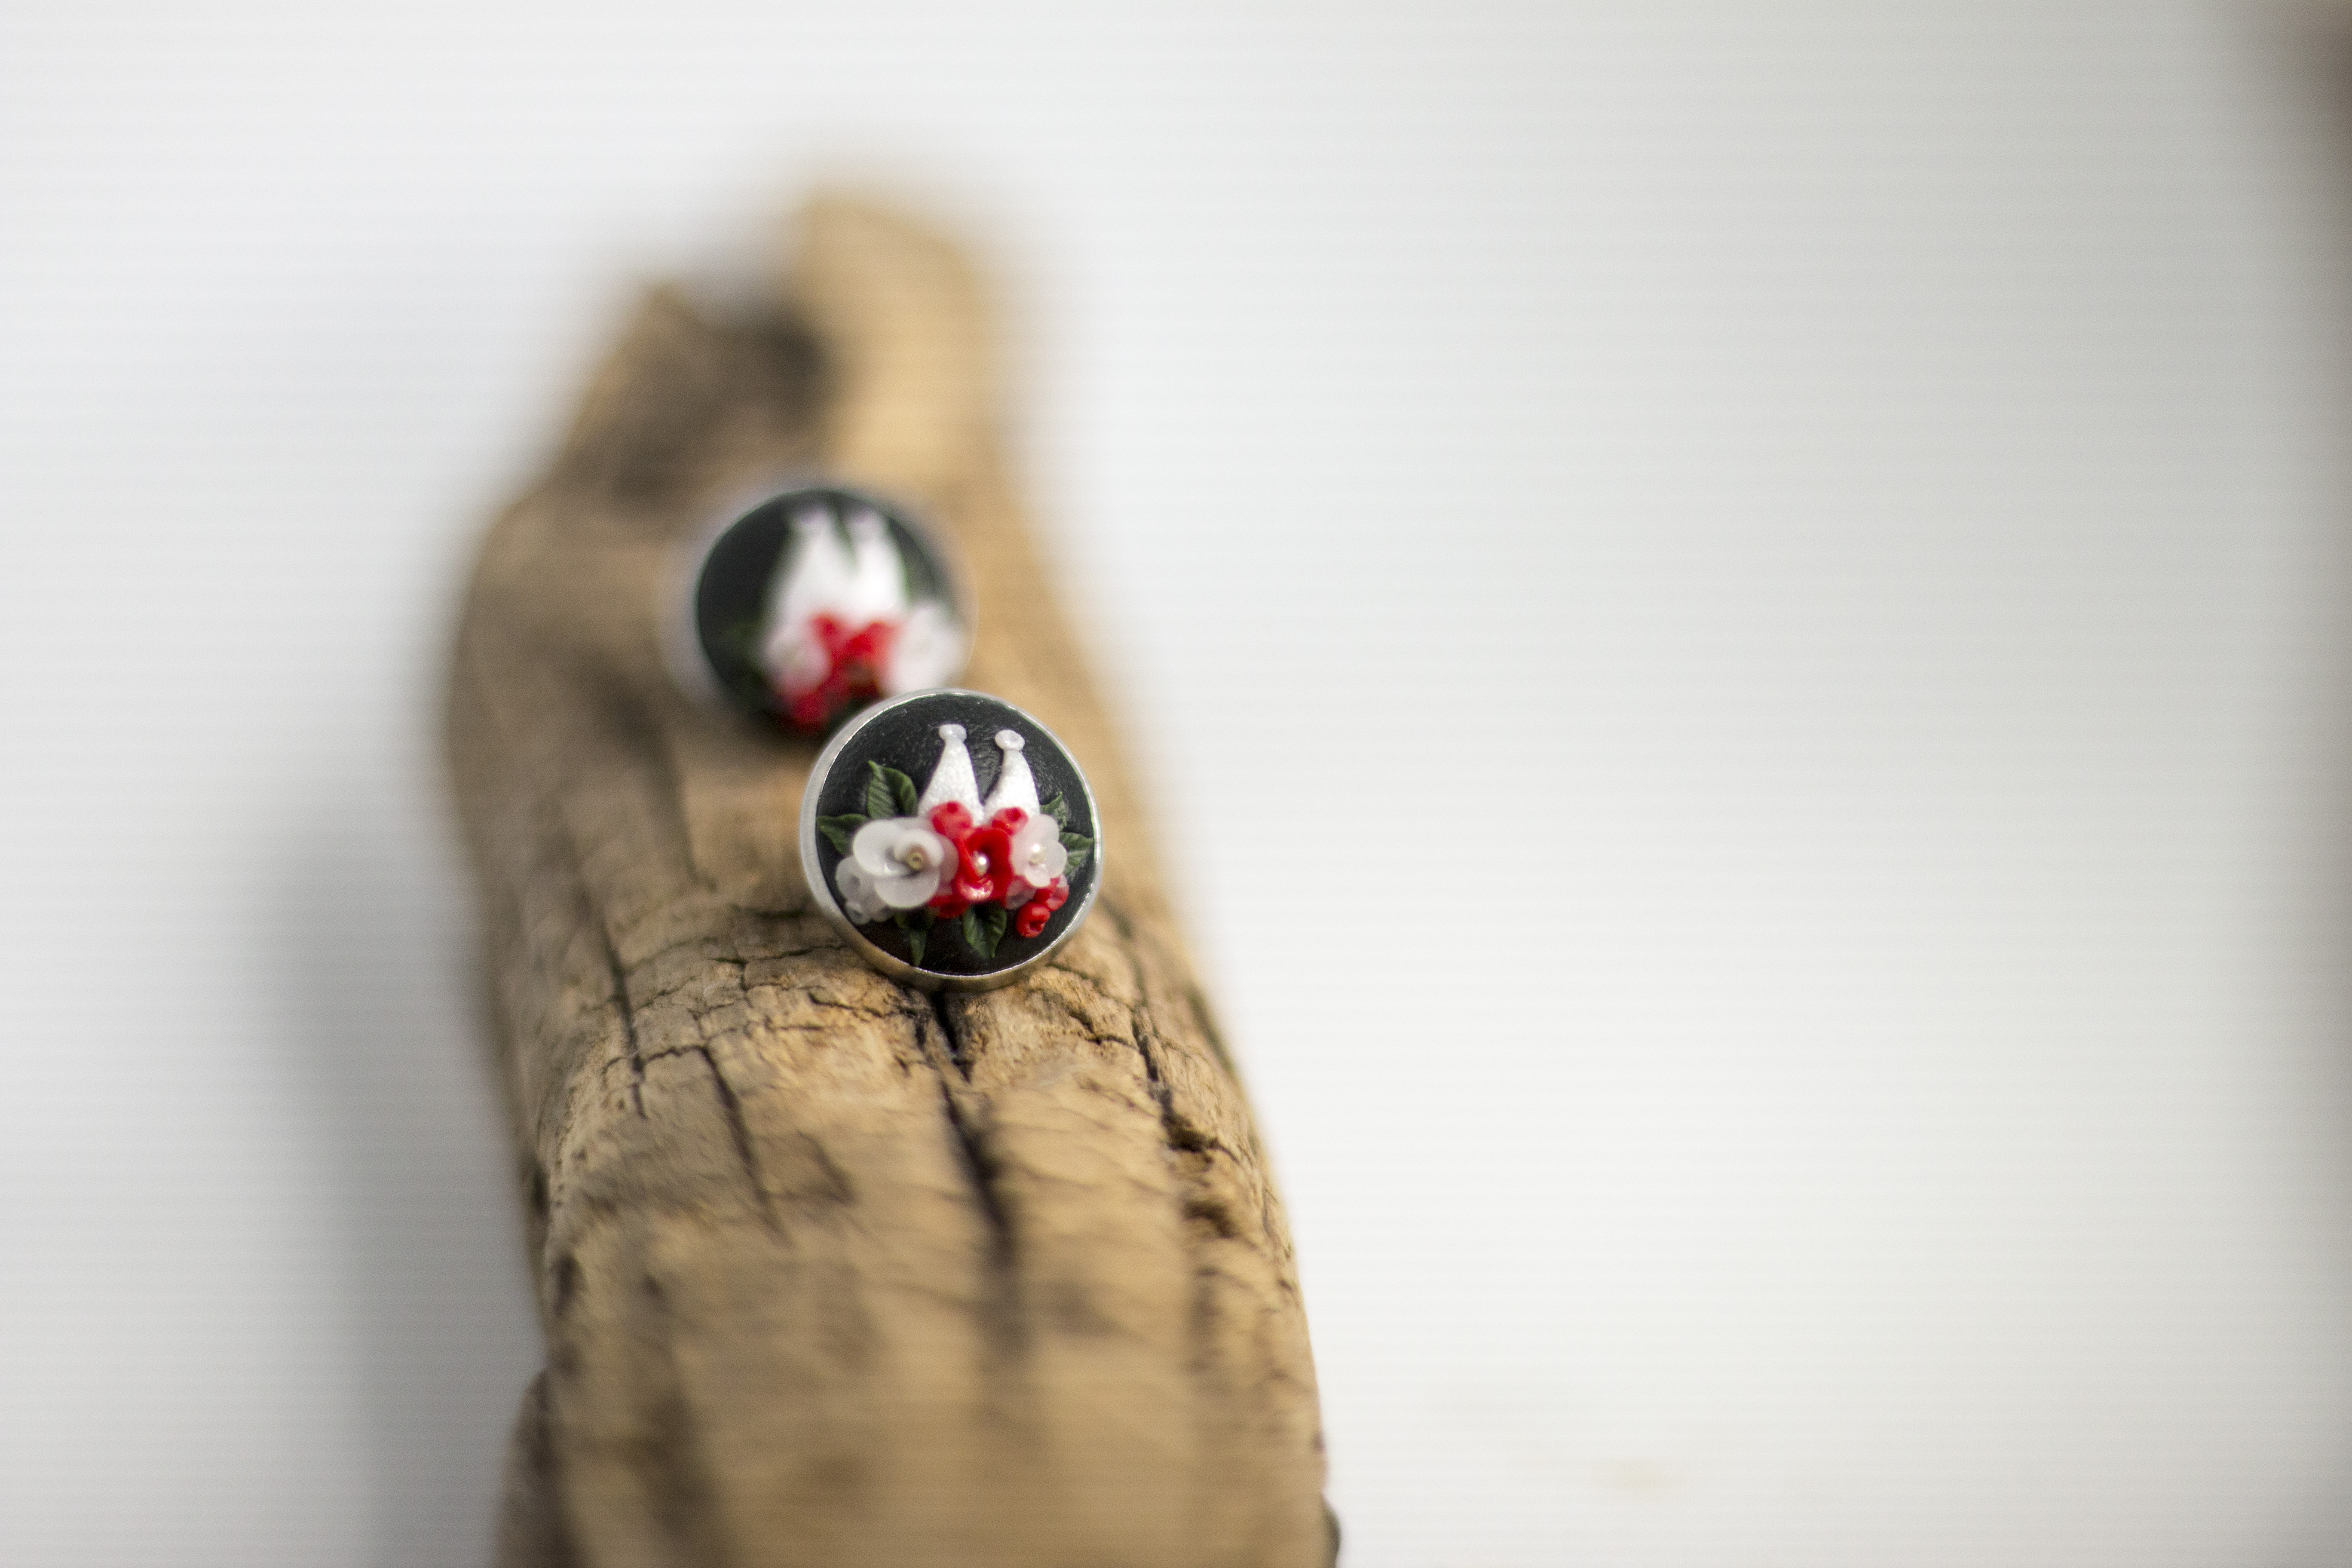 Ohrringe mit dem Kölner Dom als Motiv. Gesäumt mit rot-weißen Blüten.